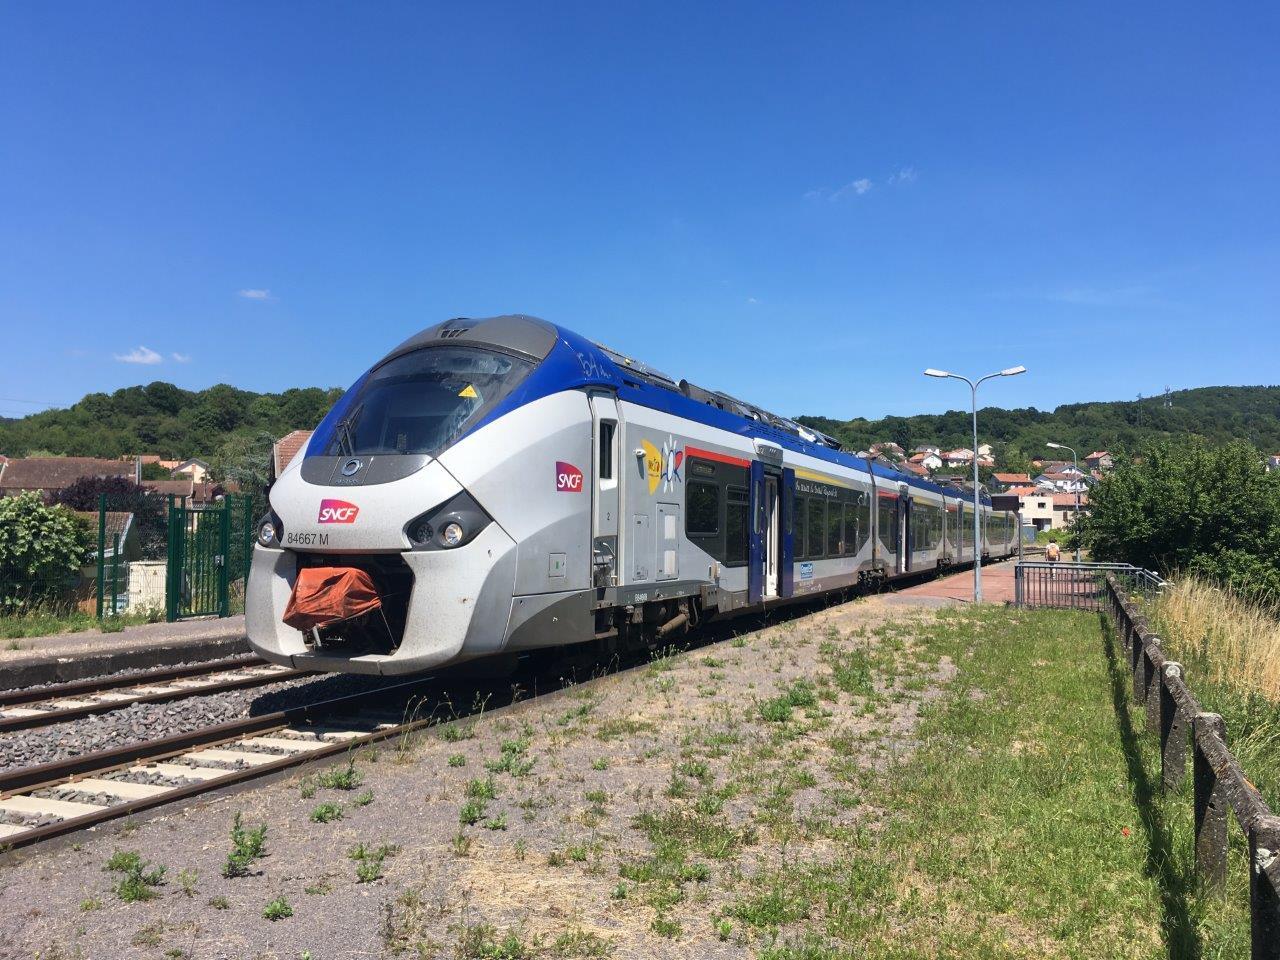 gare-de-neuves-maisons-train-station